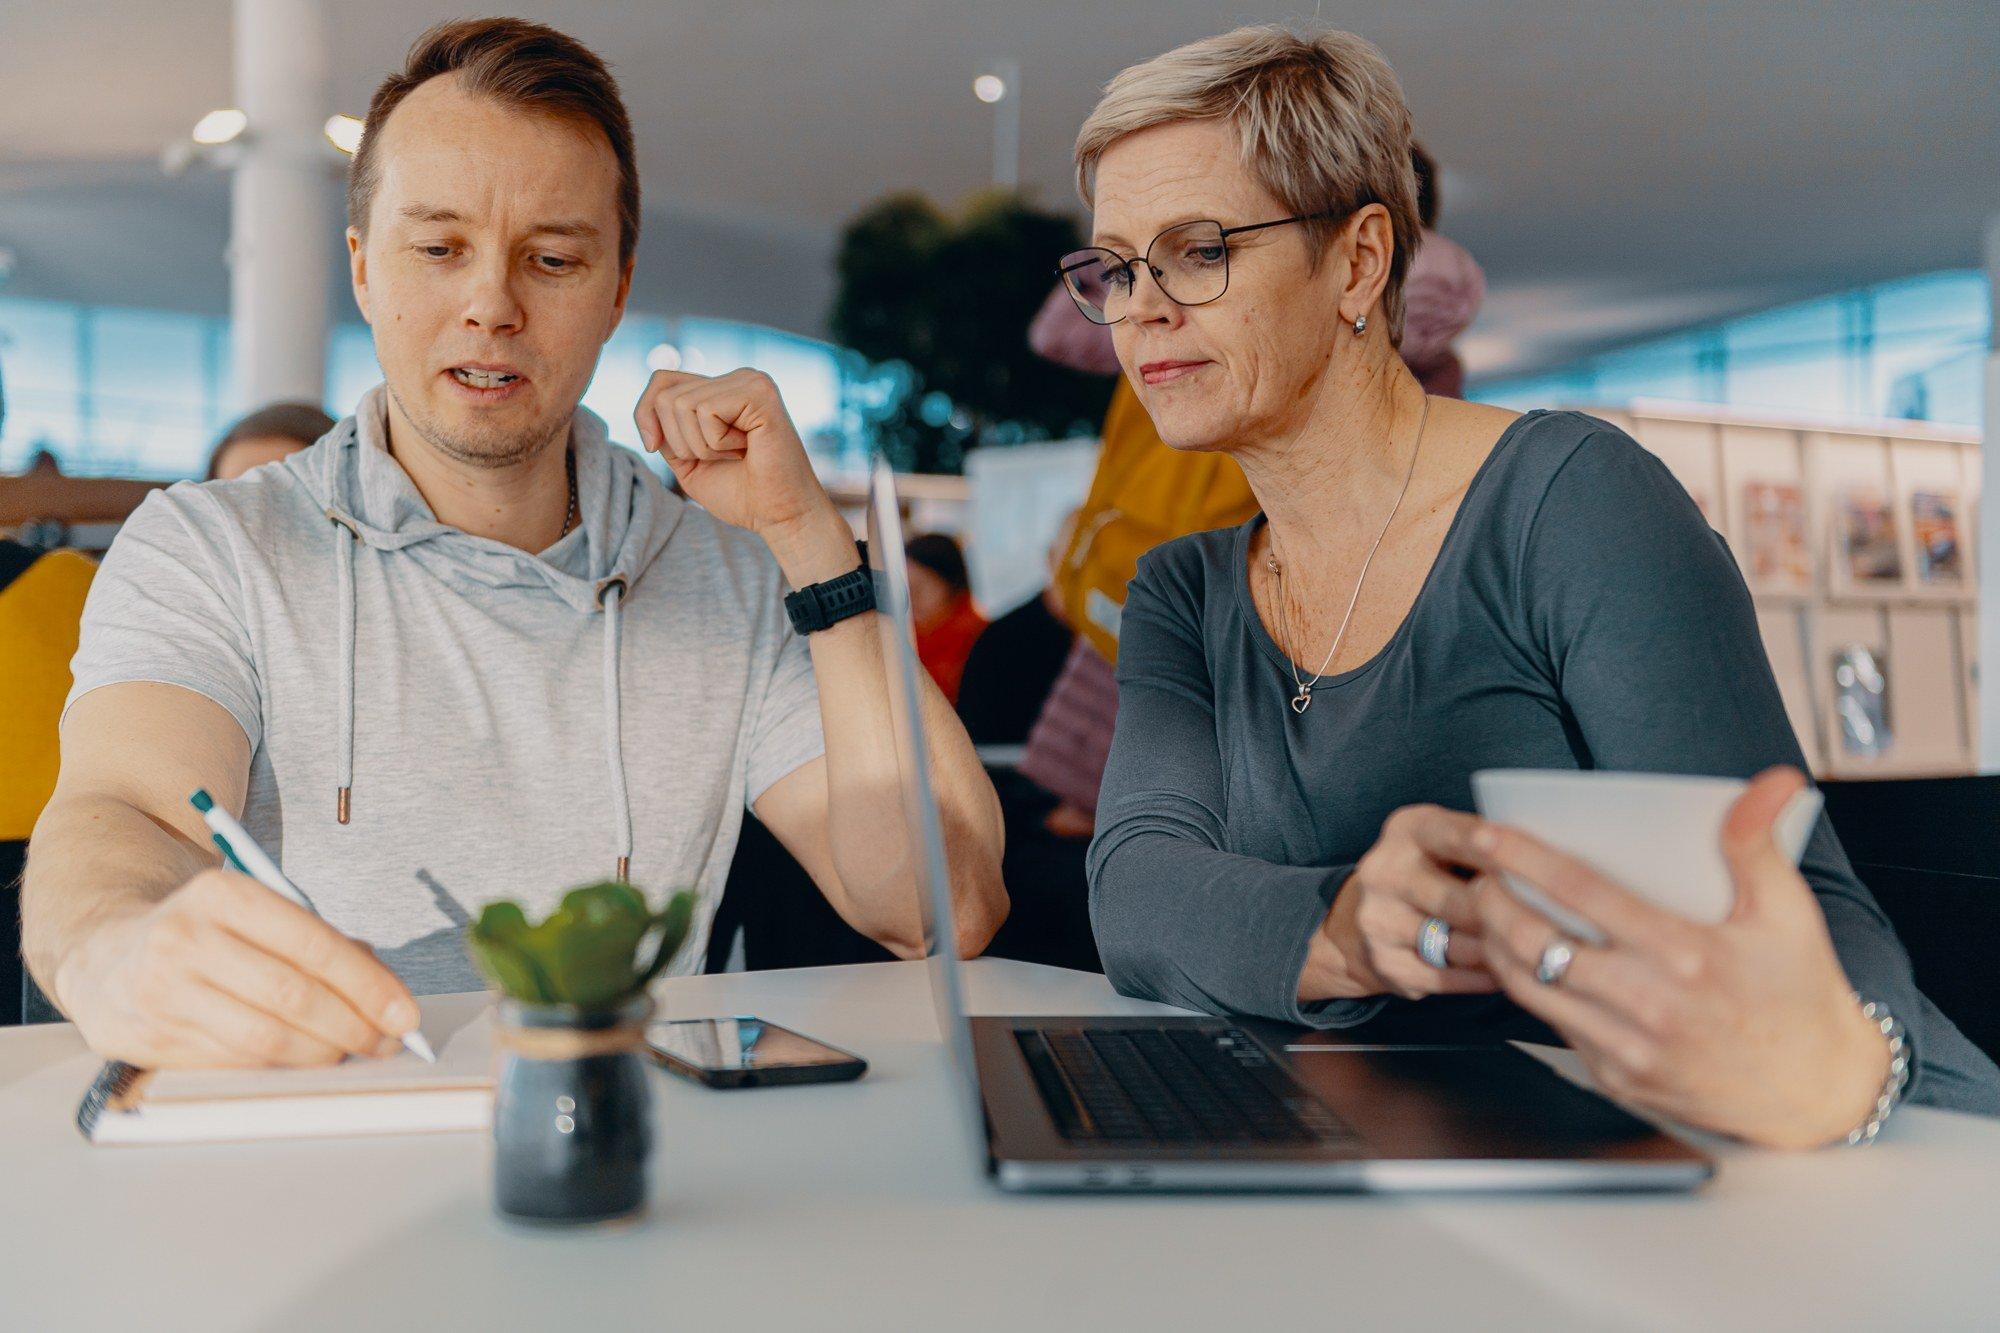 Mies kirjoittaa muistivihkoon. Nainen katsoo vieressä. Pöydällä on kannettava tietokone.